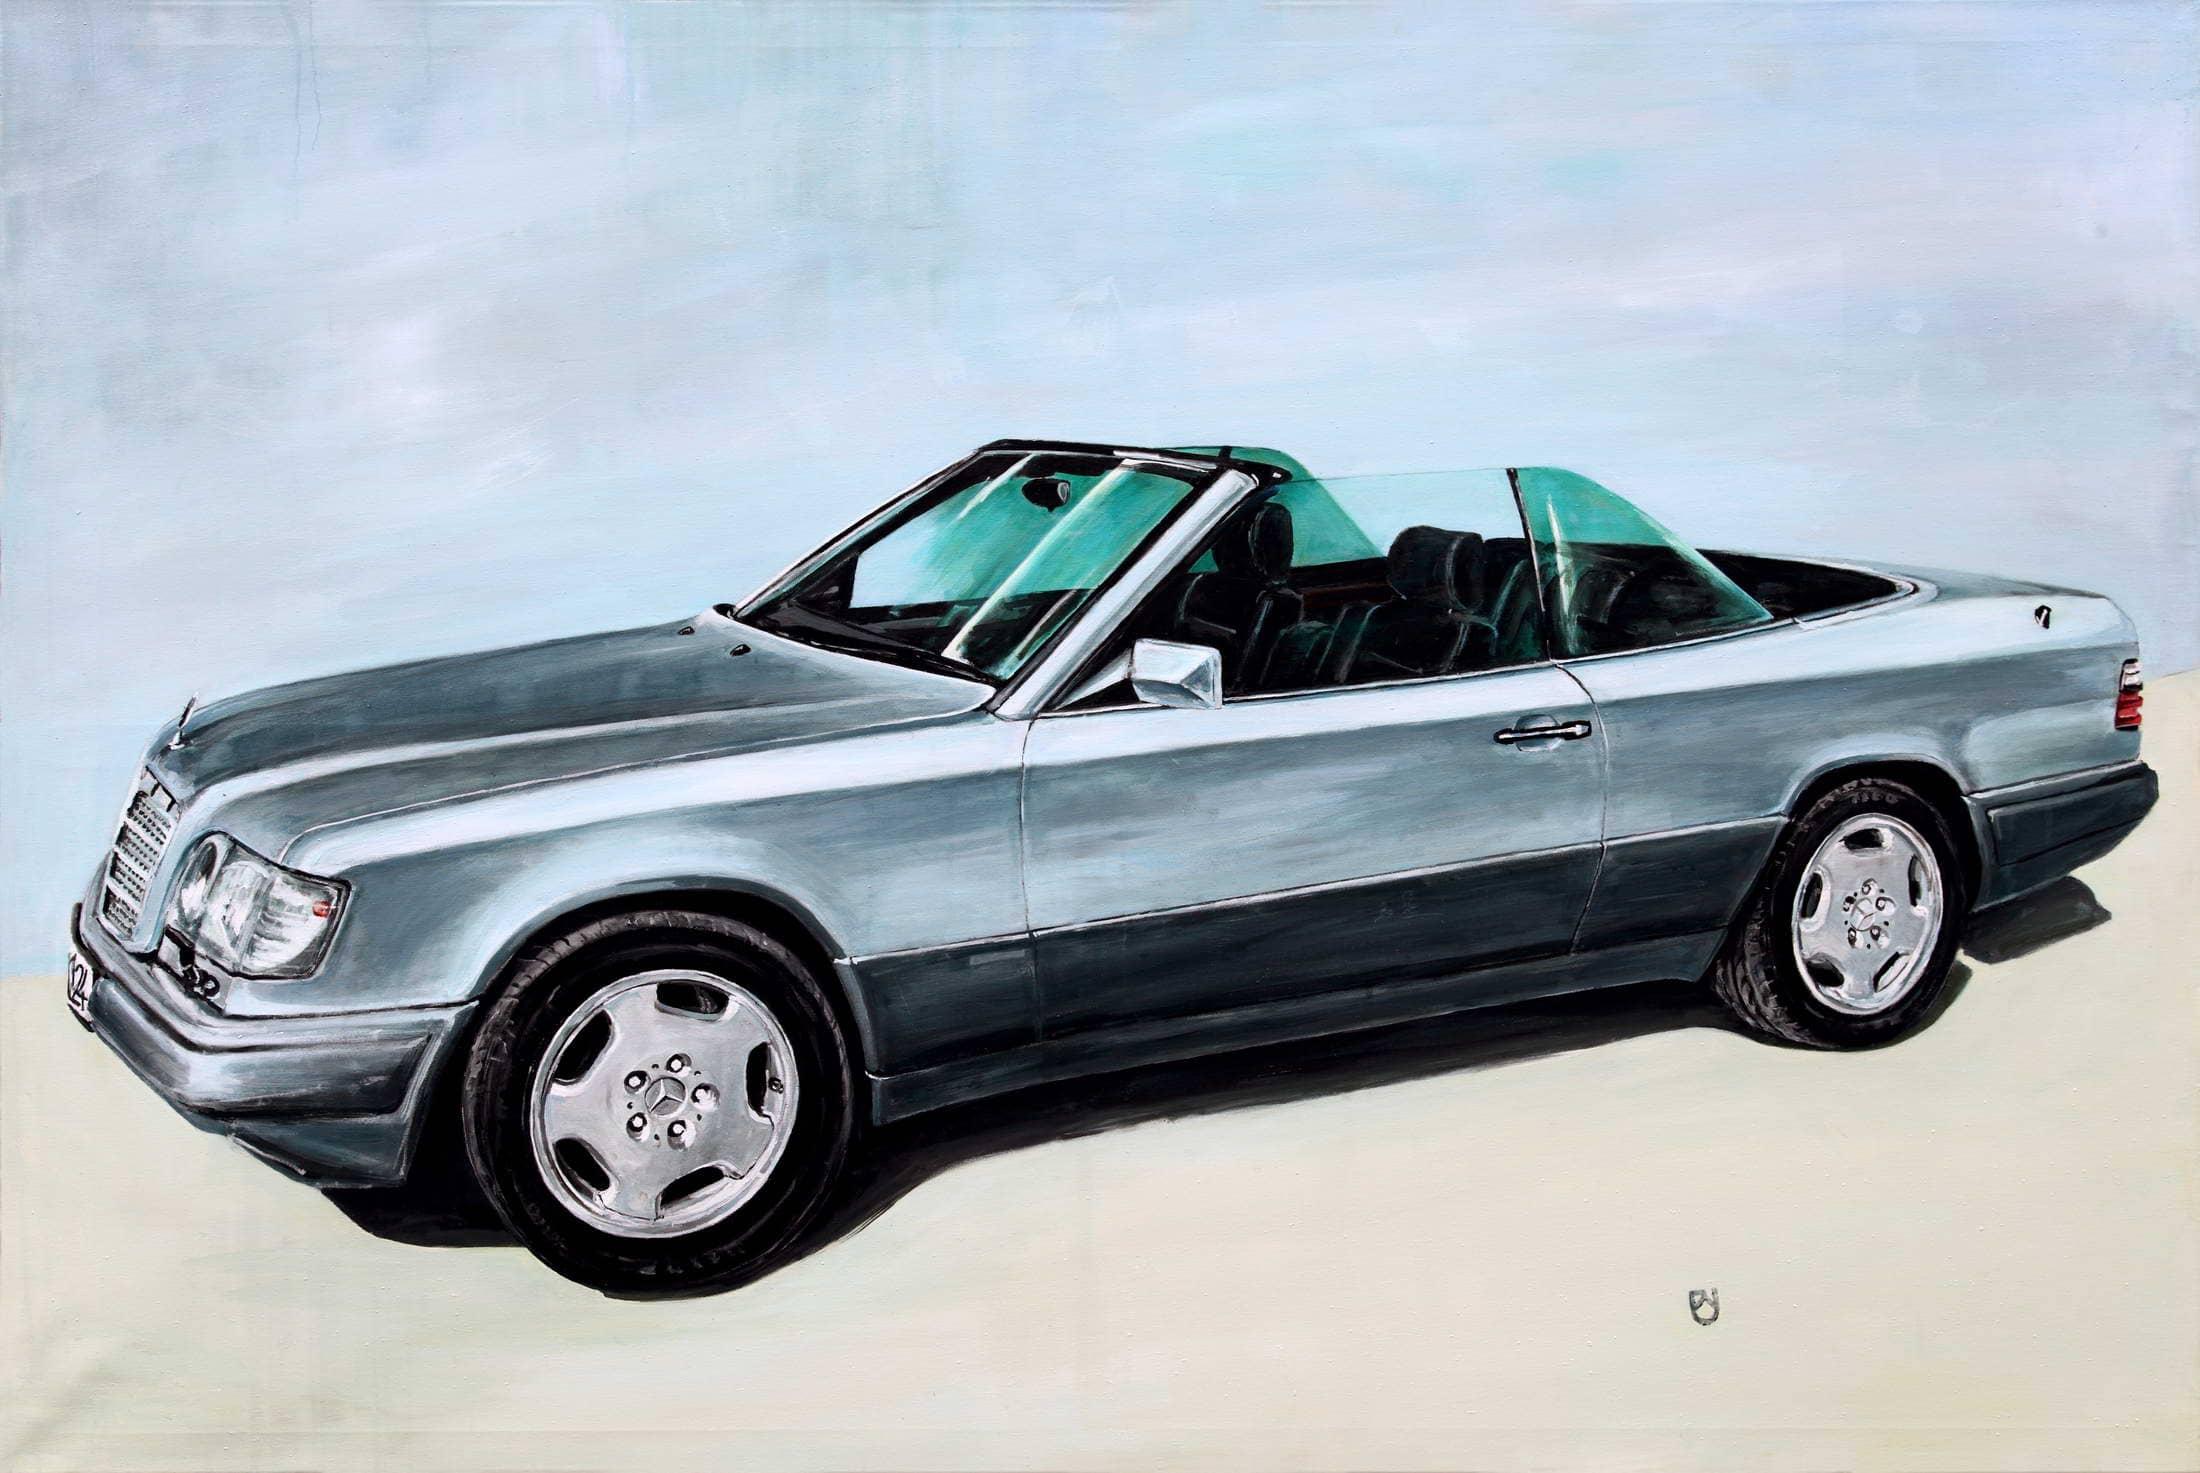 Daimler A 124